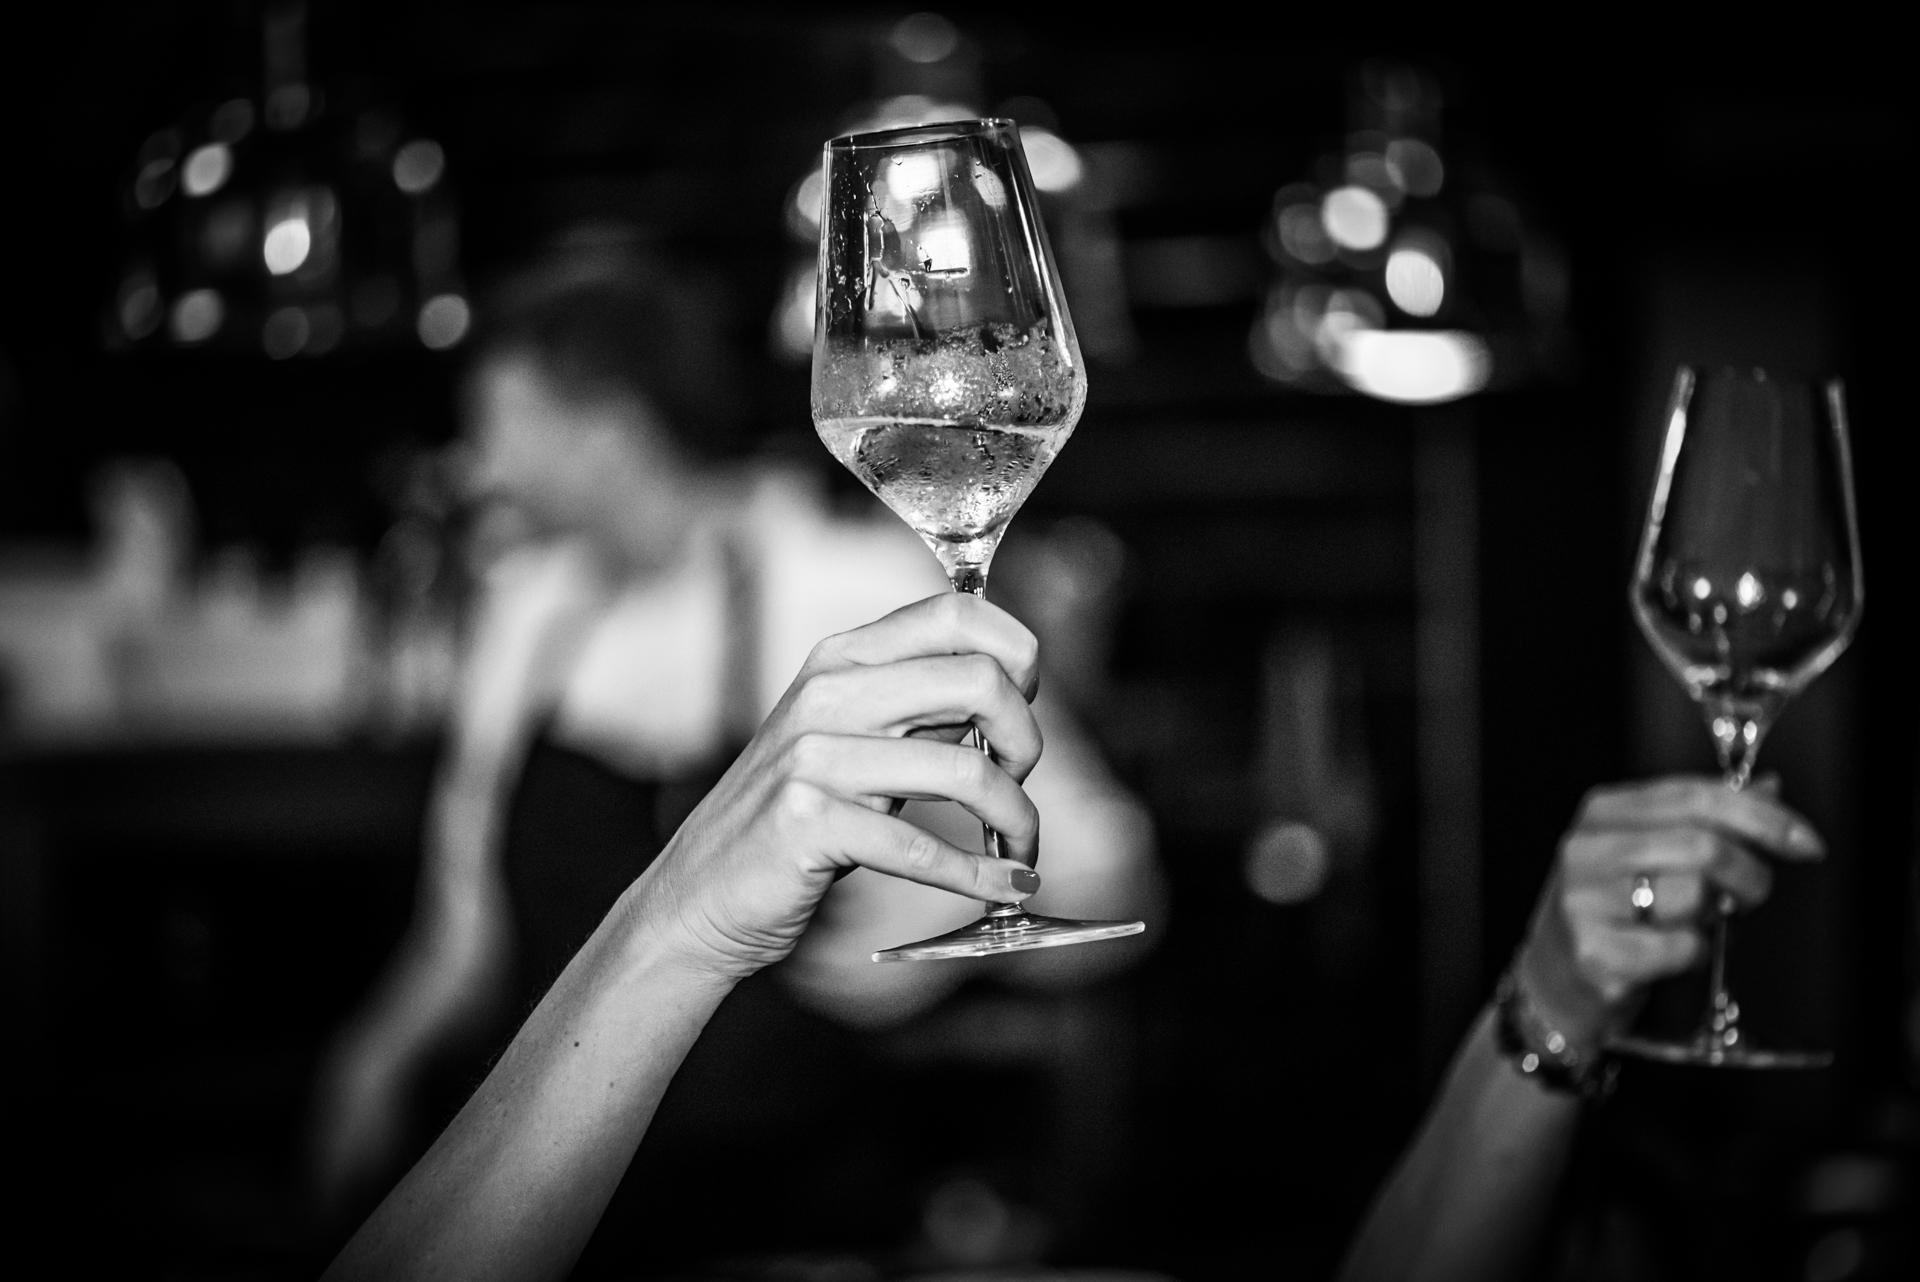 Luogo di fuga d'amore del ristorante Pouwe, a Hoeven | Dopo il servizio fotografico c'è stata una piccola cena intima con alcuni discorsi